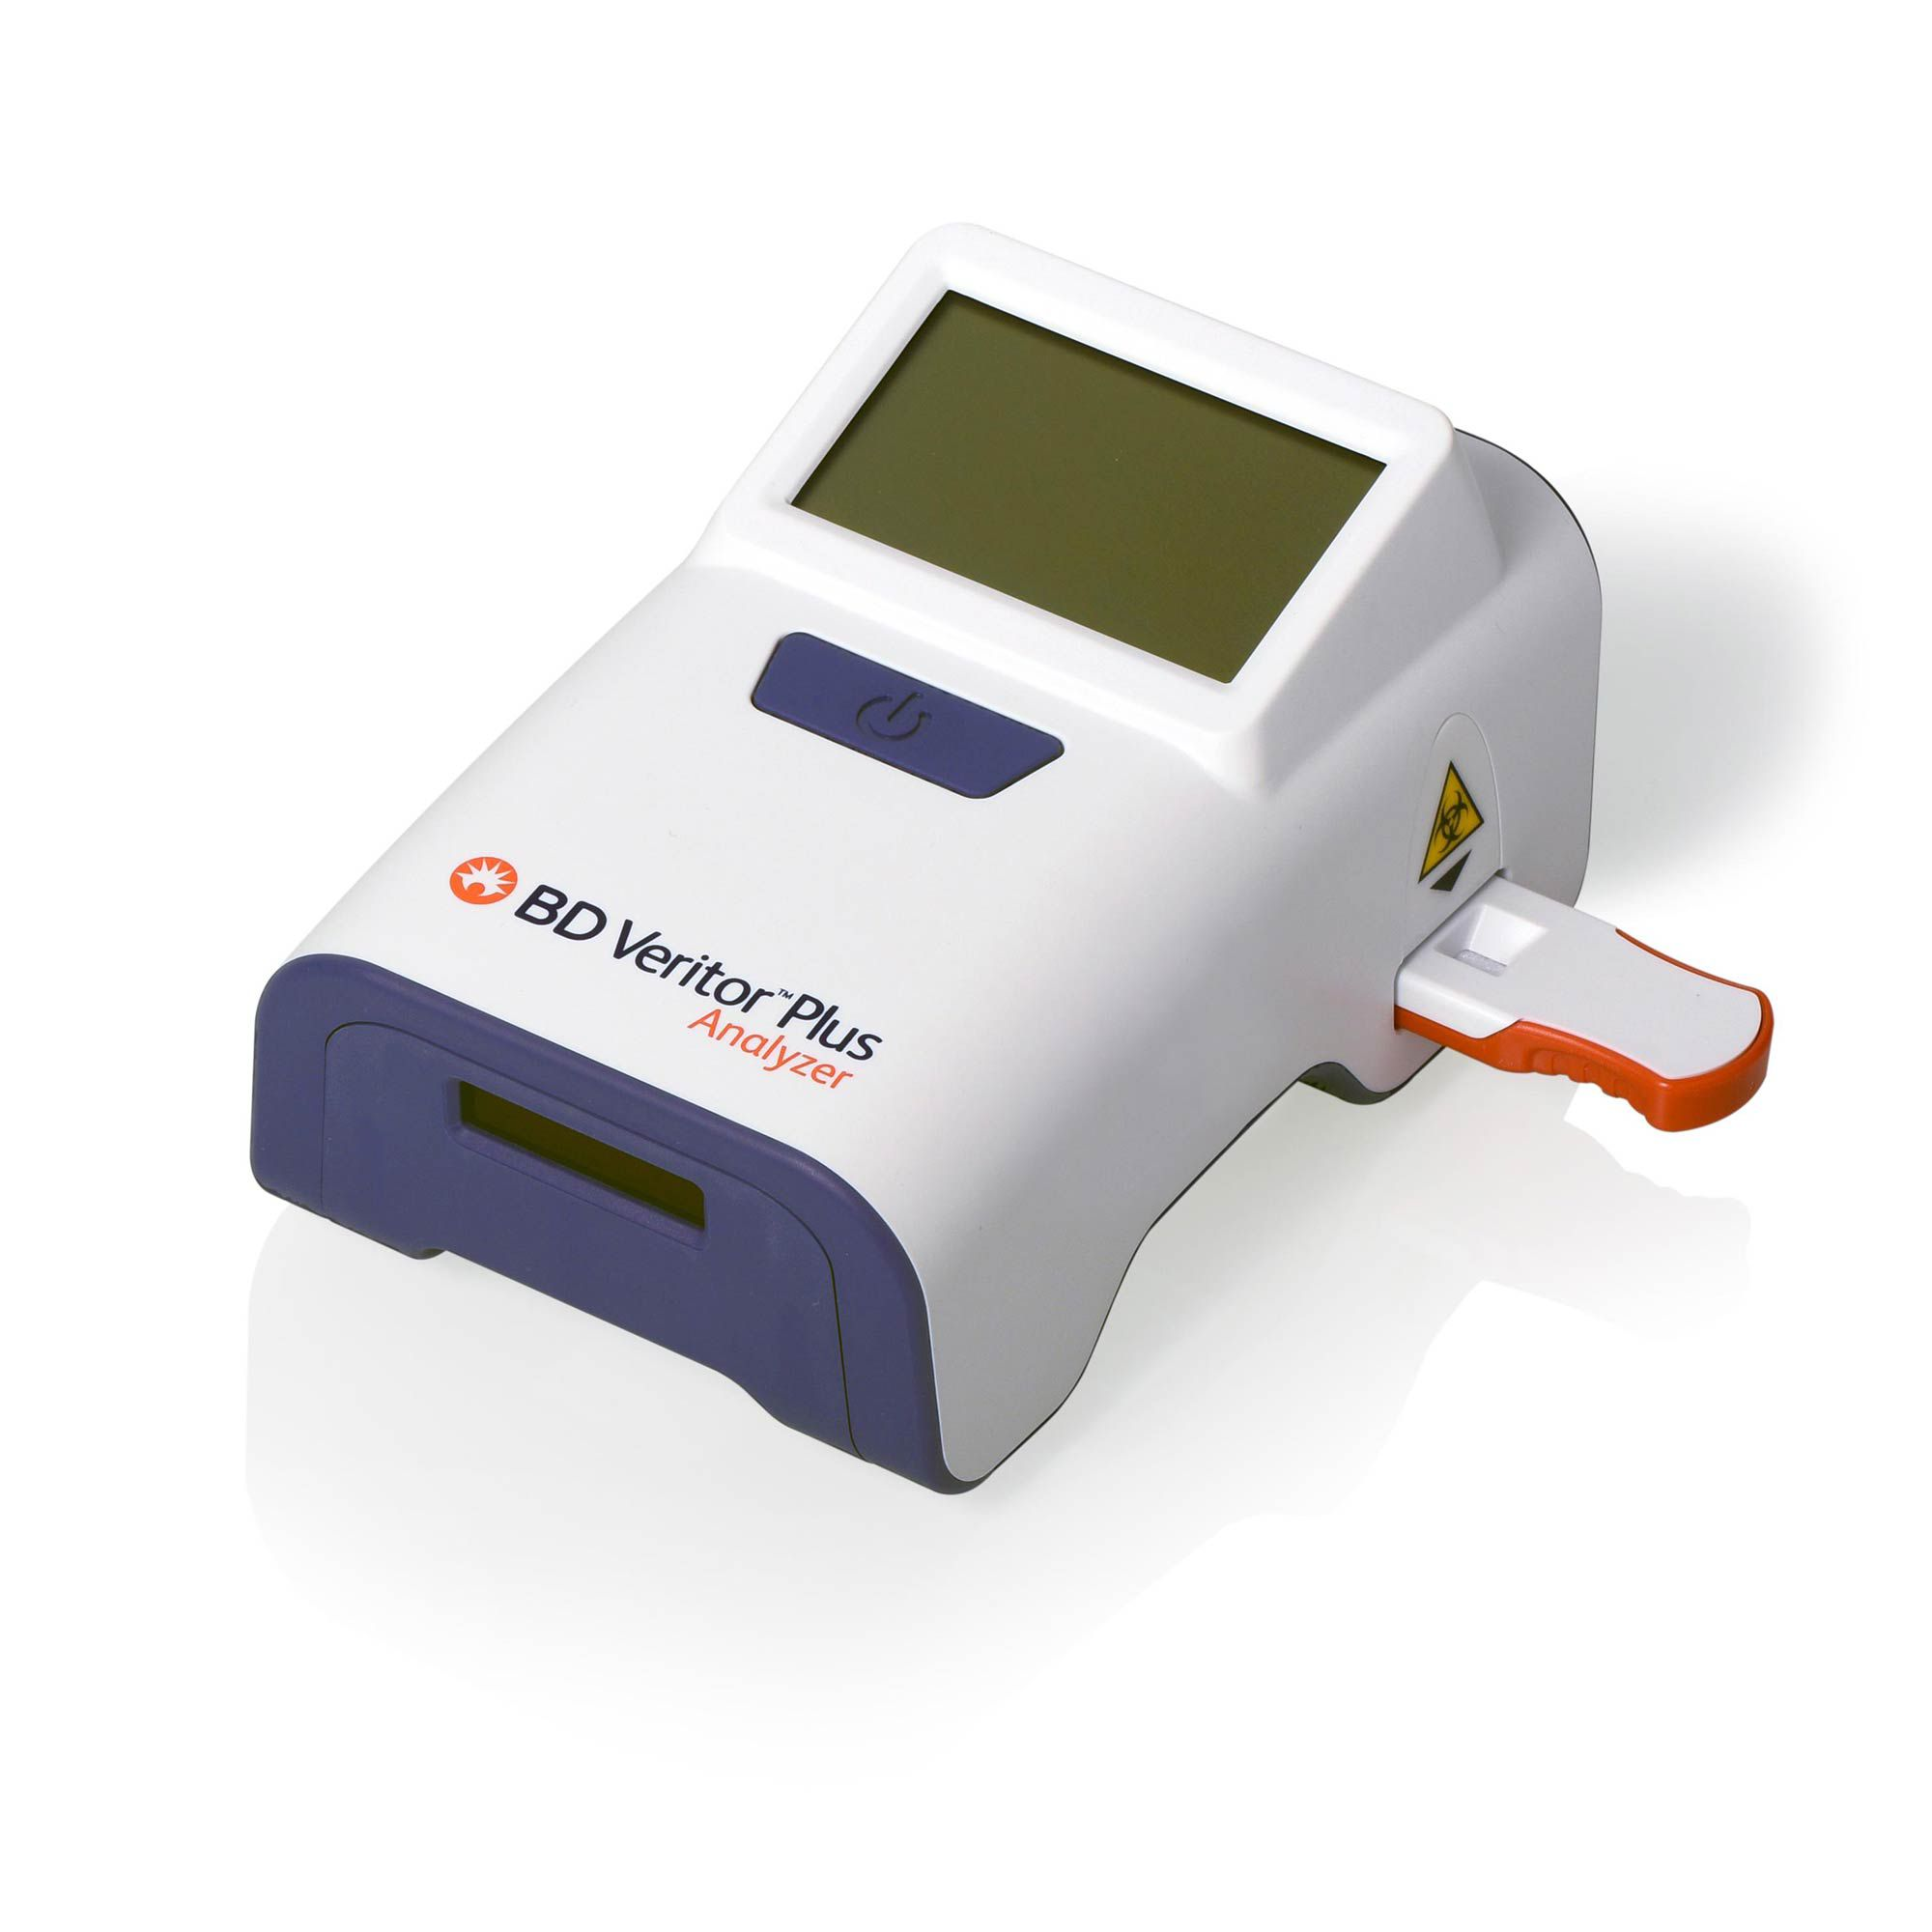 Cellex, Inc. qSARS-CoV-2 IgG/IgM Rapid Test